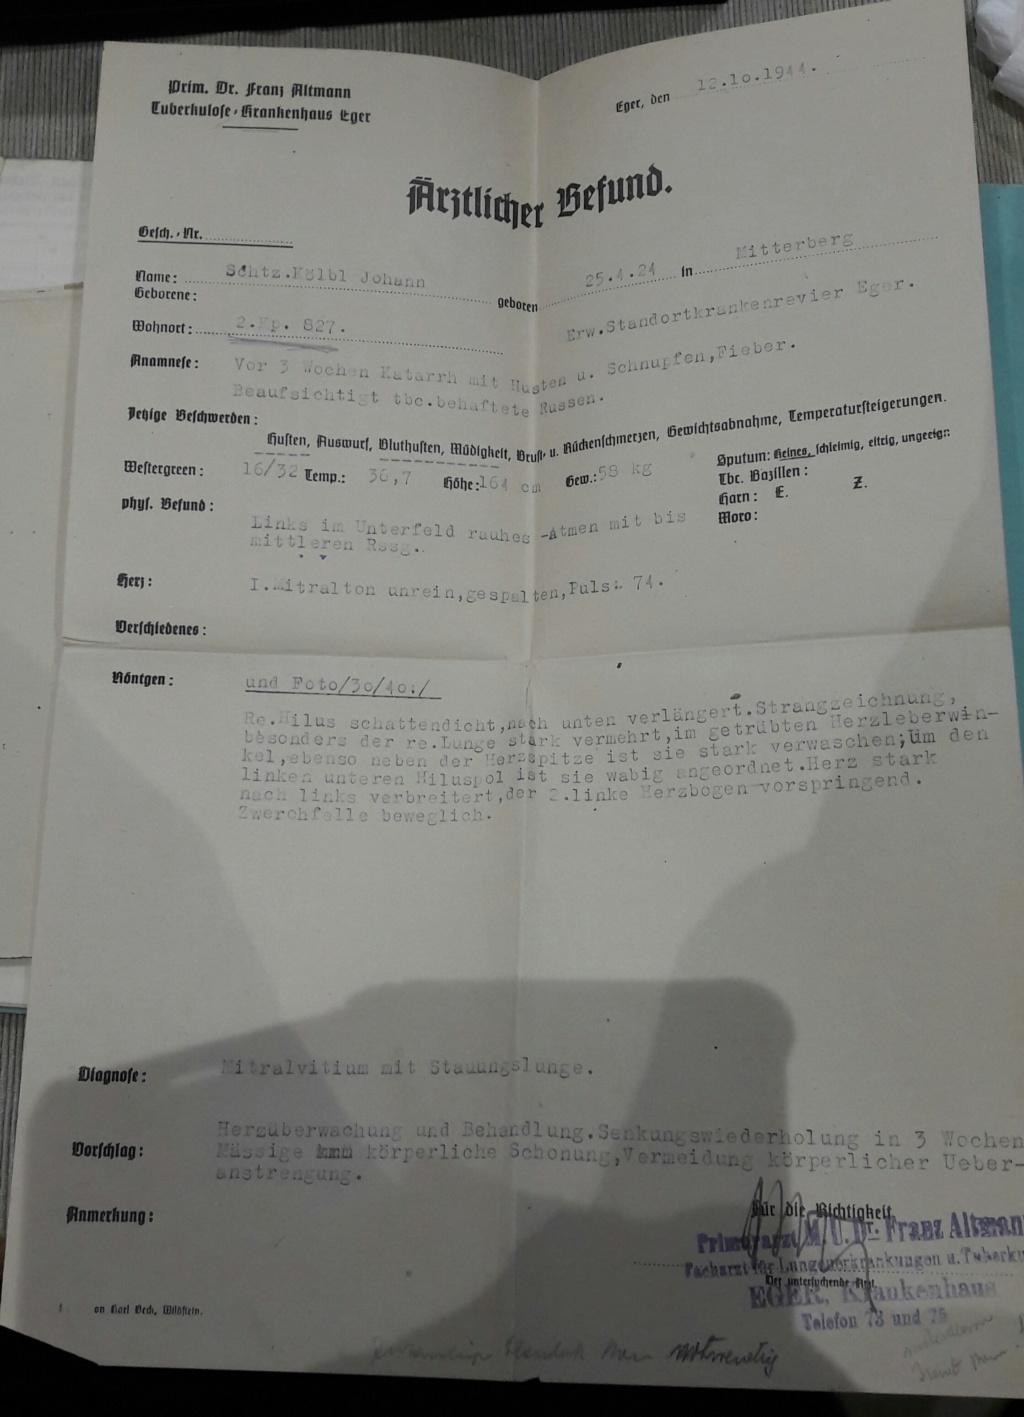 Wehrpass et lot de documents  20190229